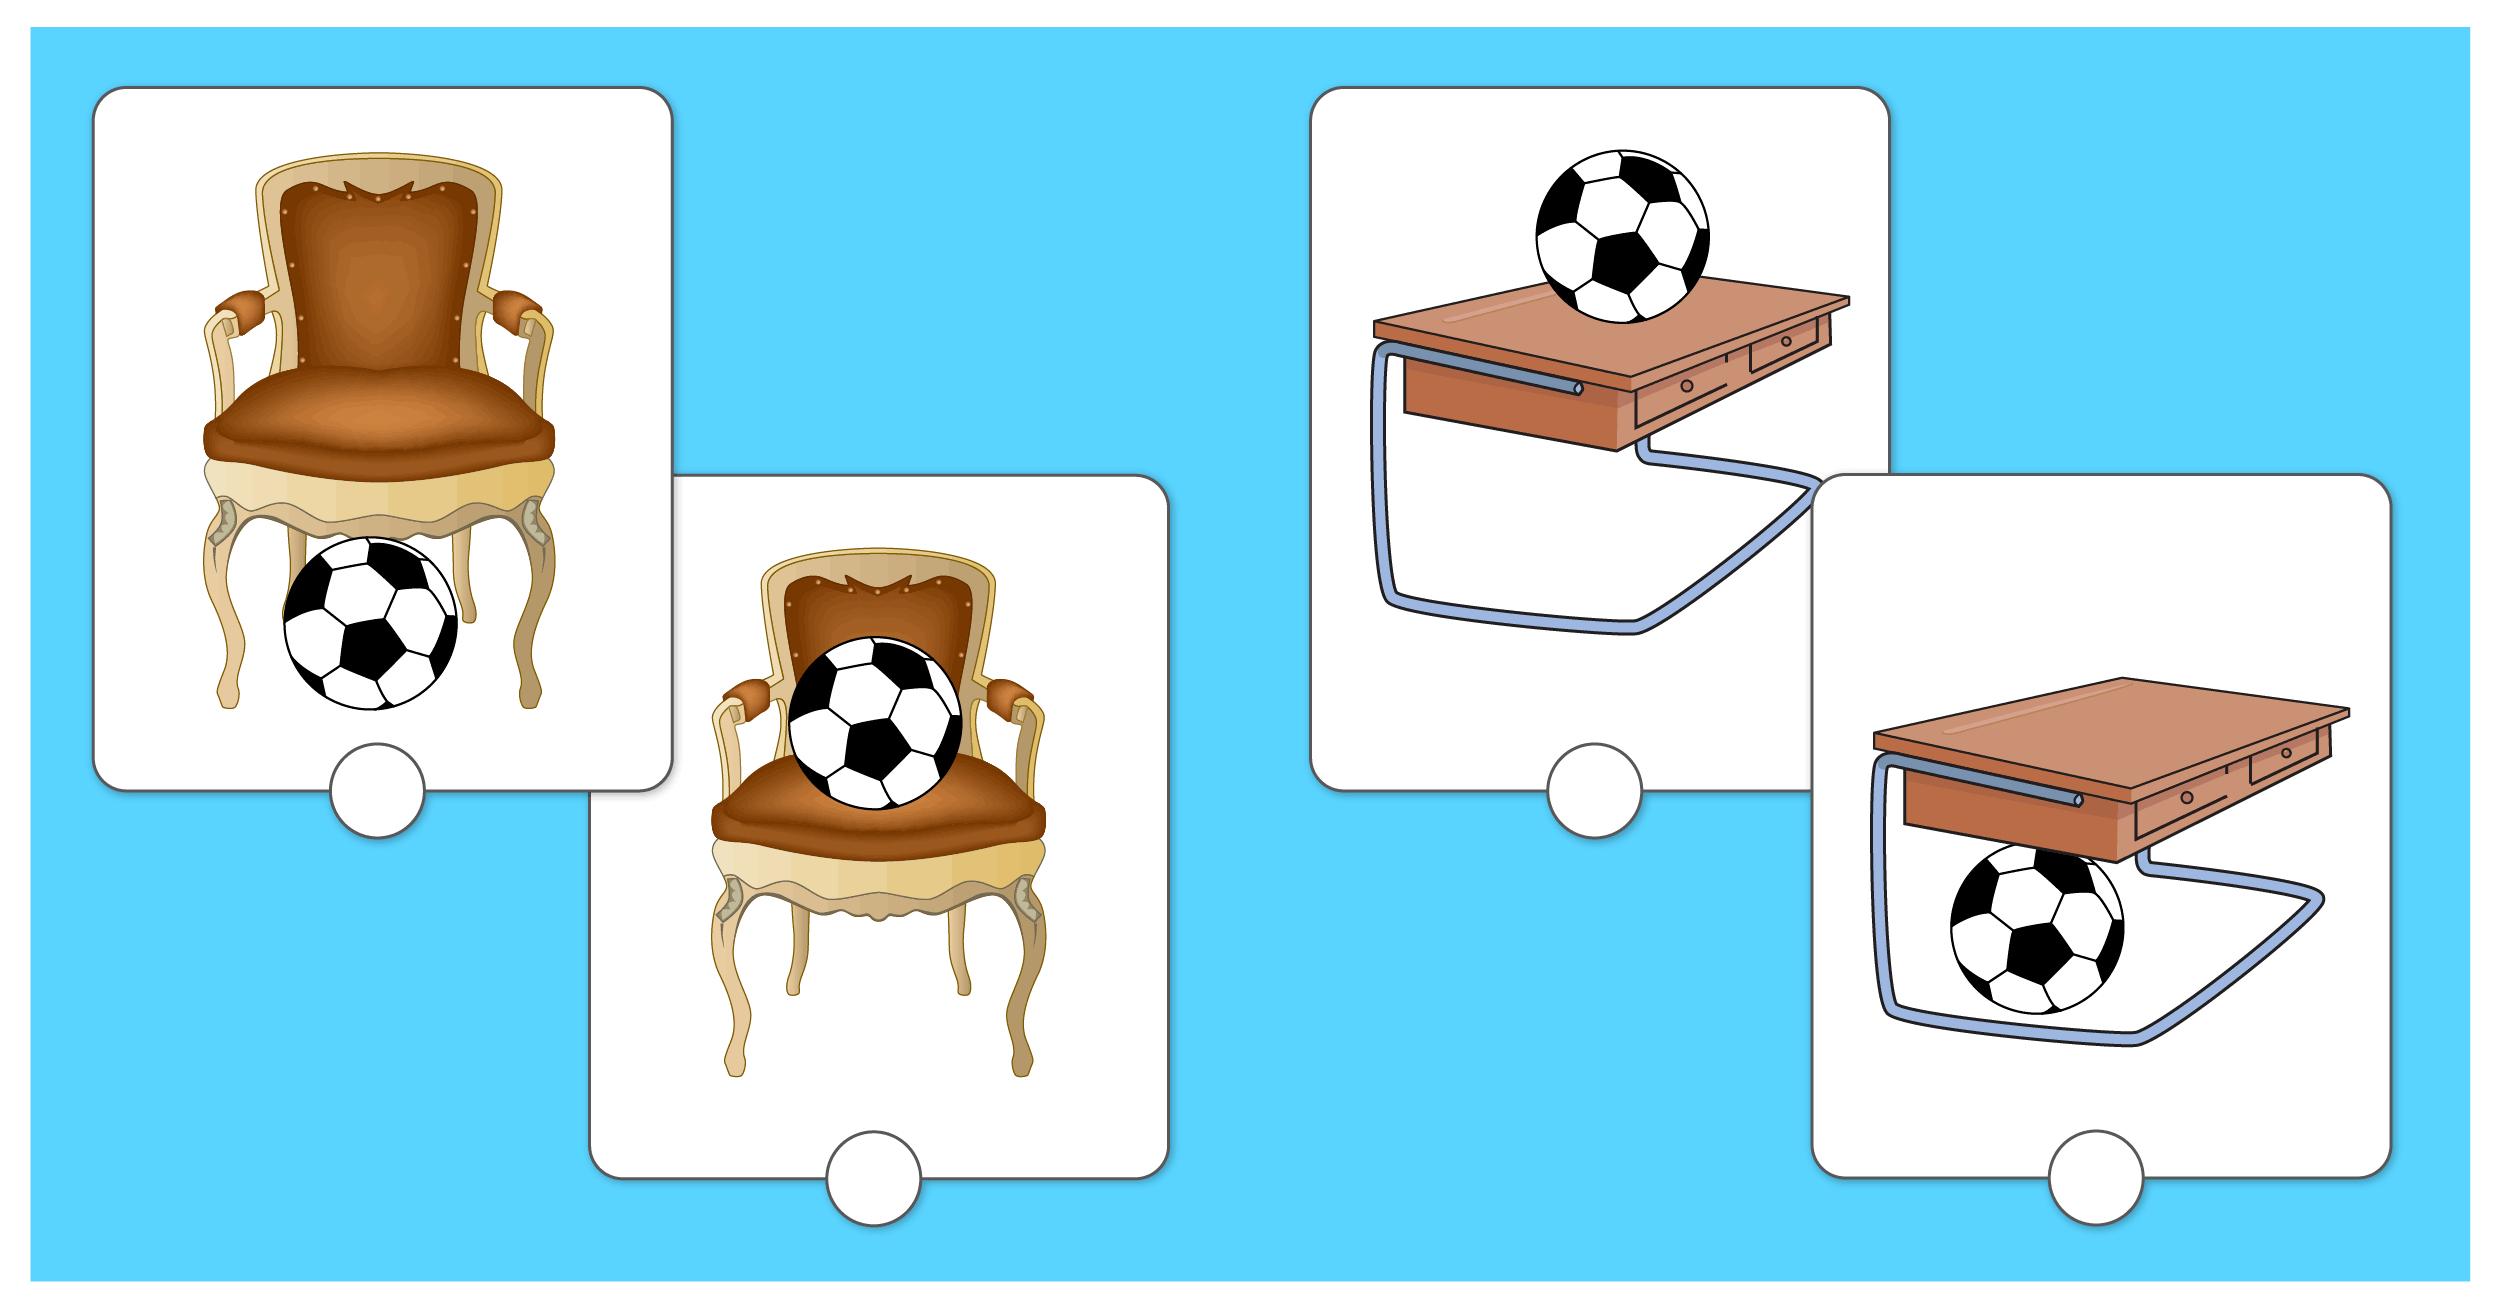 Pdf Fiches Exercices Jeux Mathématiques 3 Ans Petite Section encequiconcerne Exercice Enfant 4 Ans